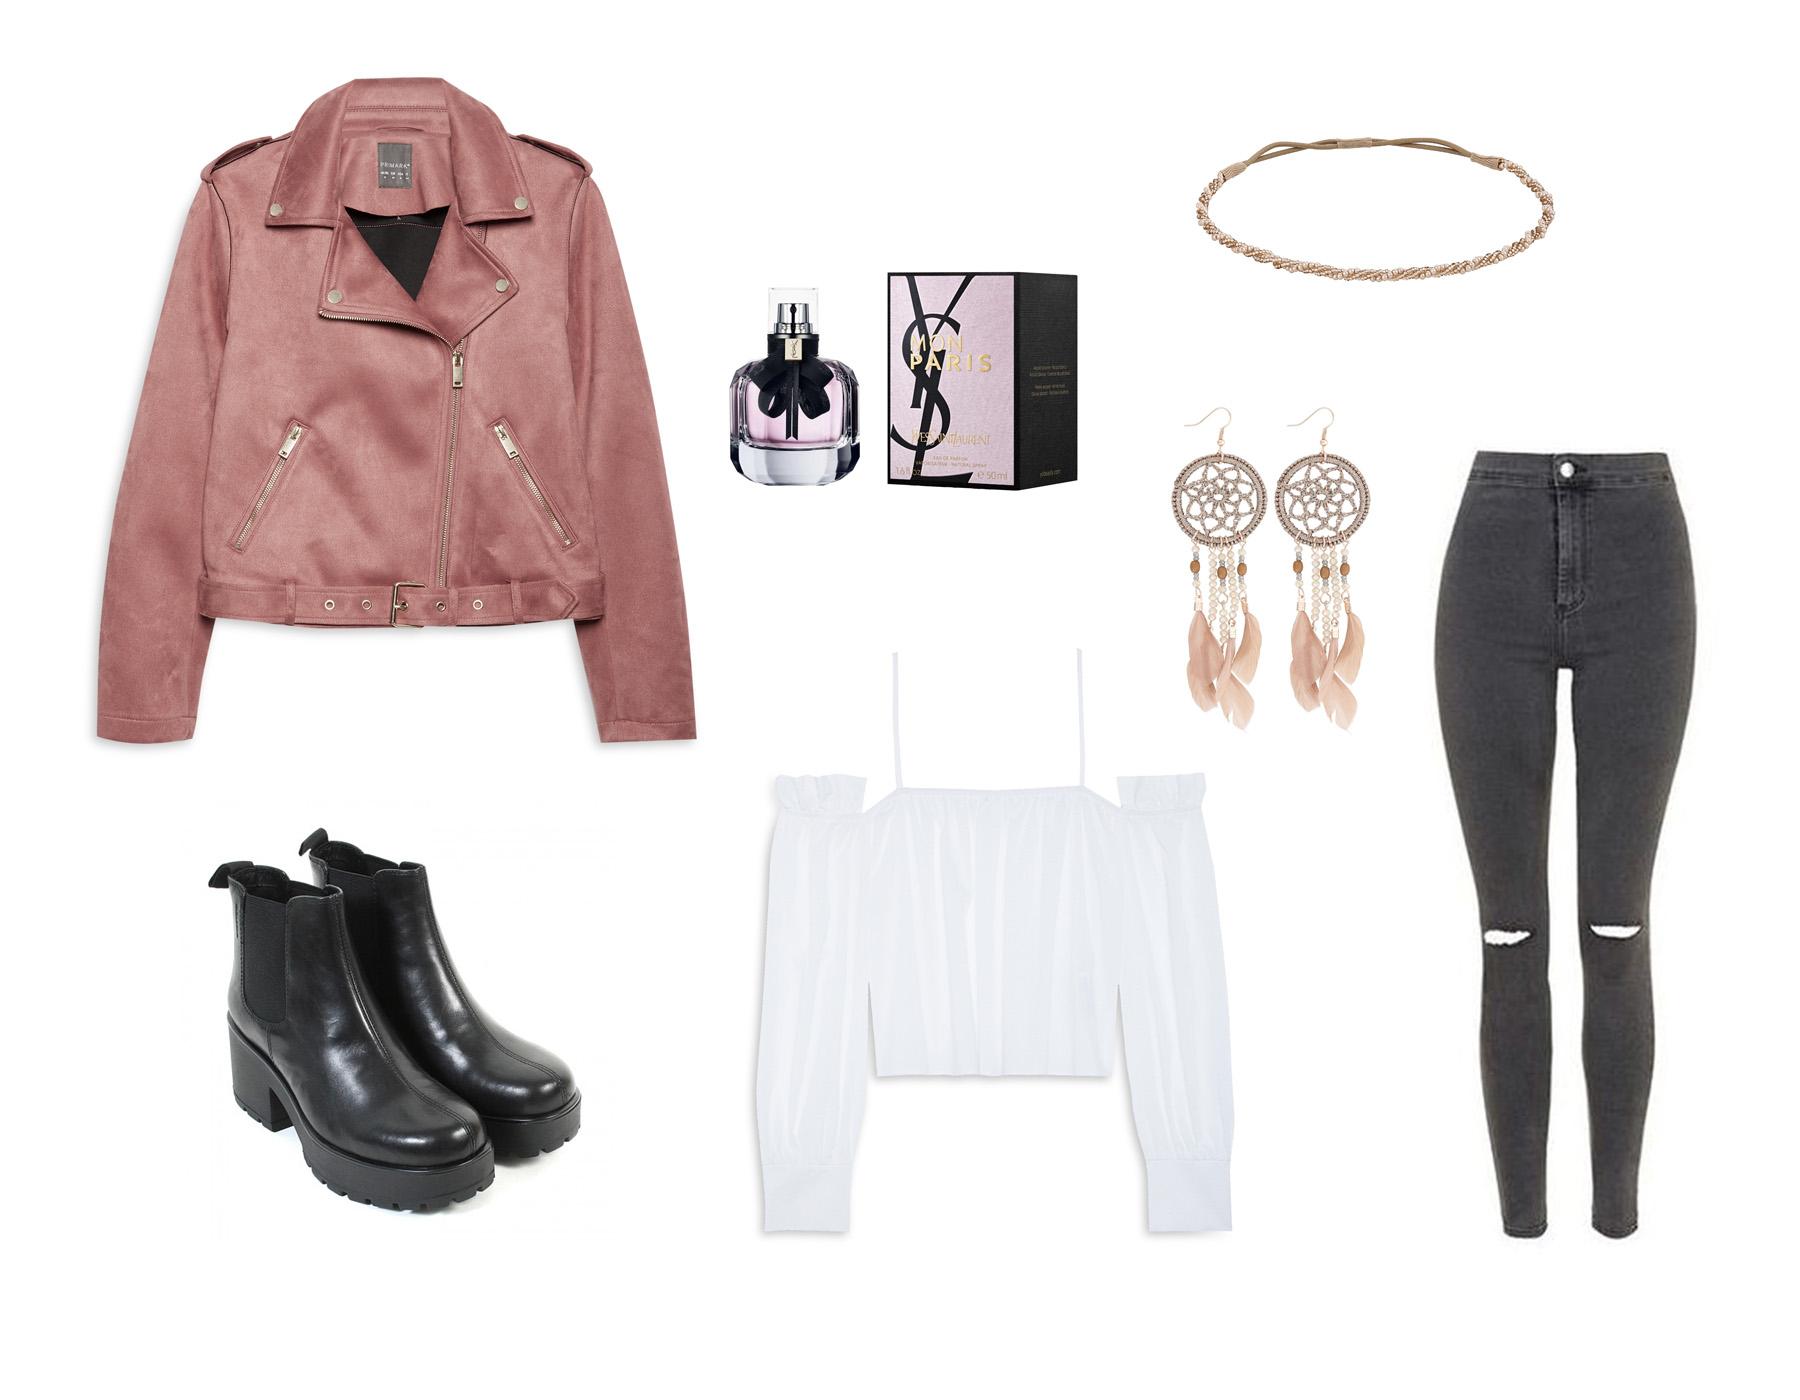 stylizacja wiosenna, primark, pudrowa ramoneska, różowa ramoneska, spodnie zara, botki vagabond